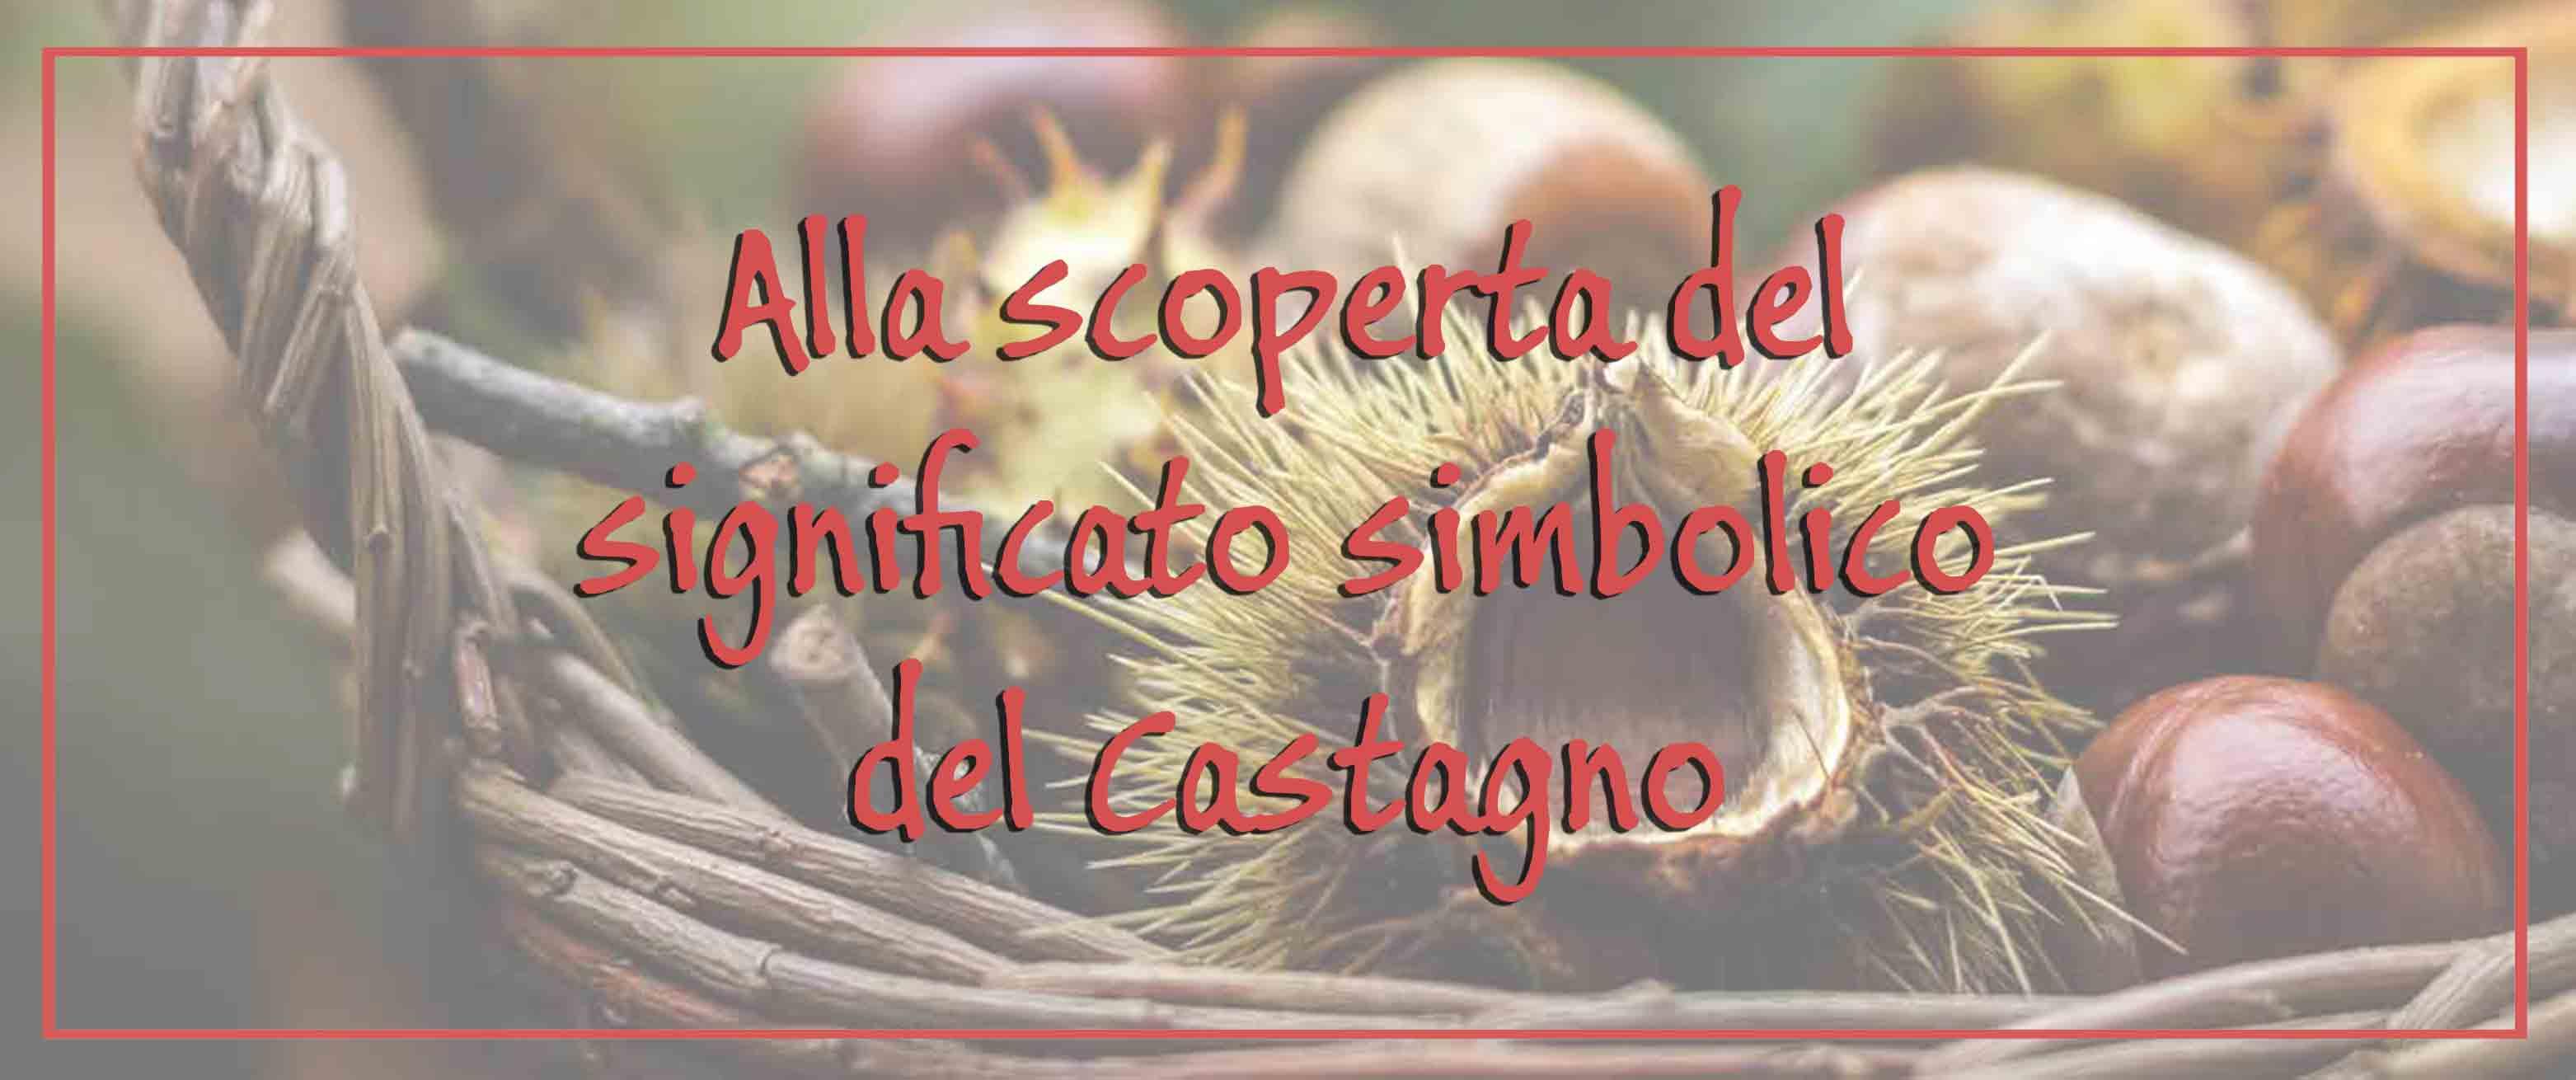 alla scoperta del significato simbolico del castagno